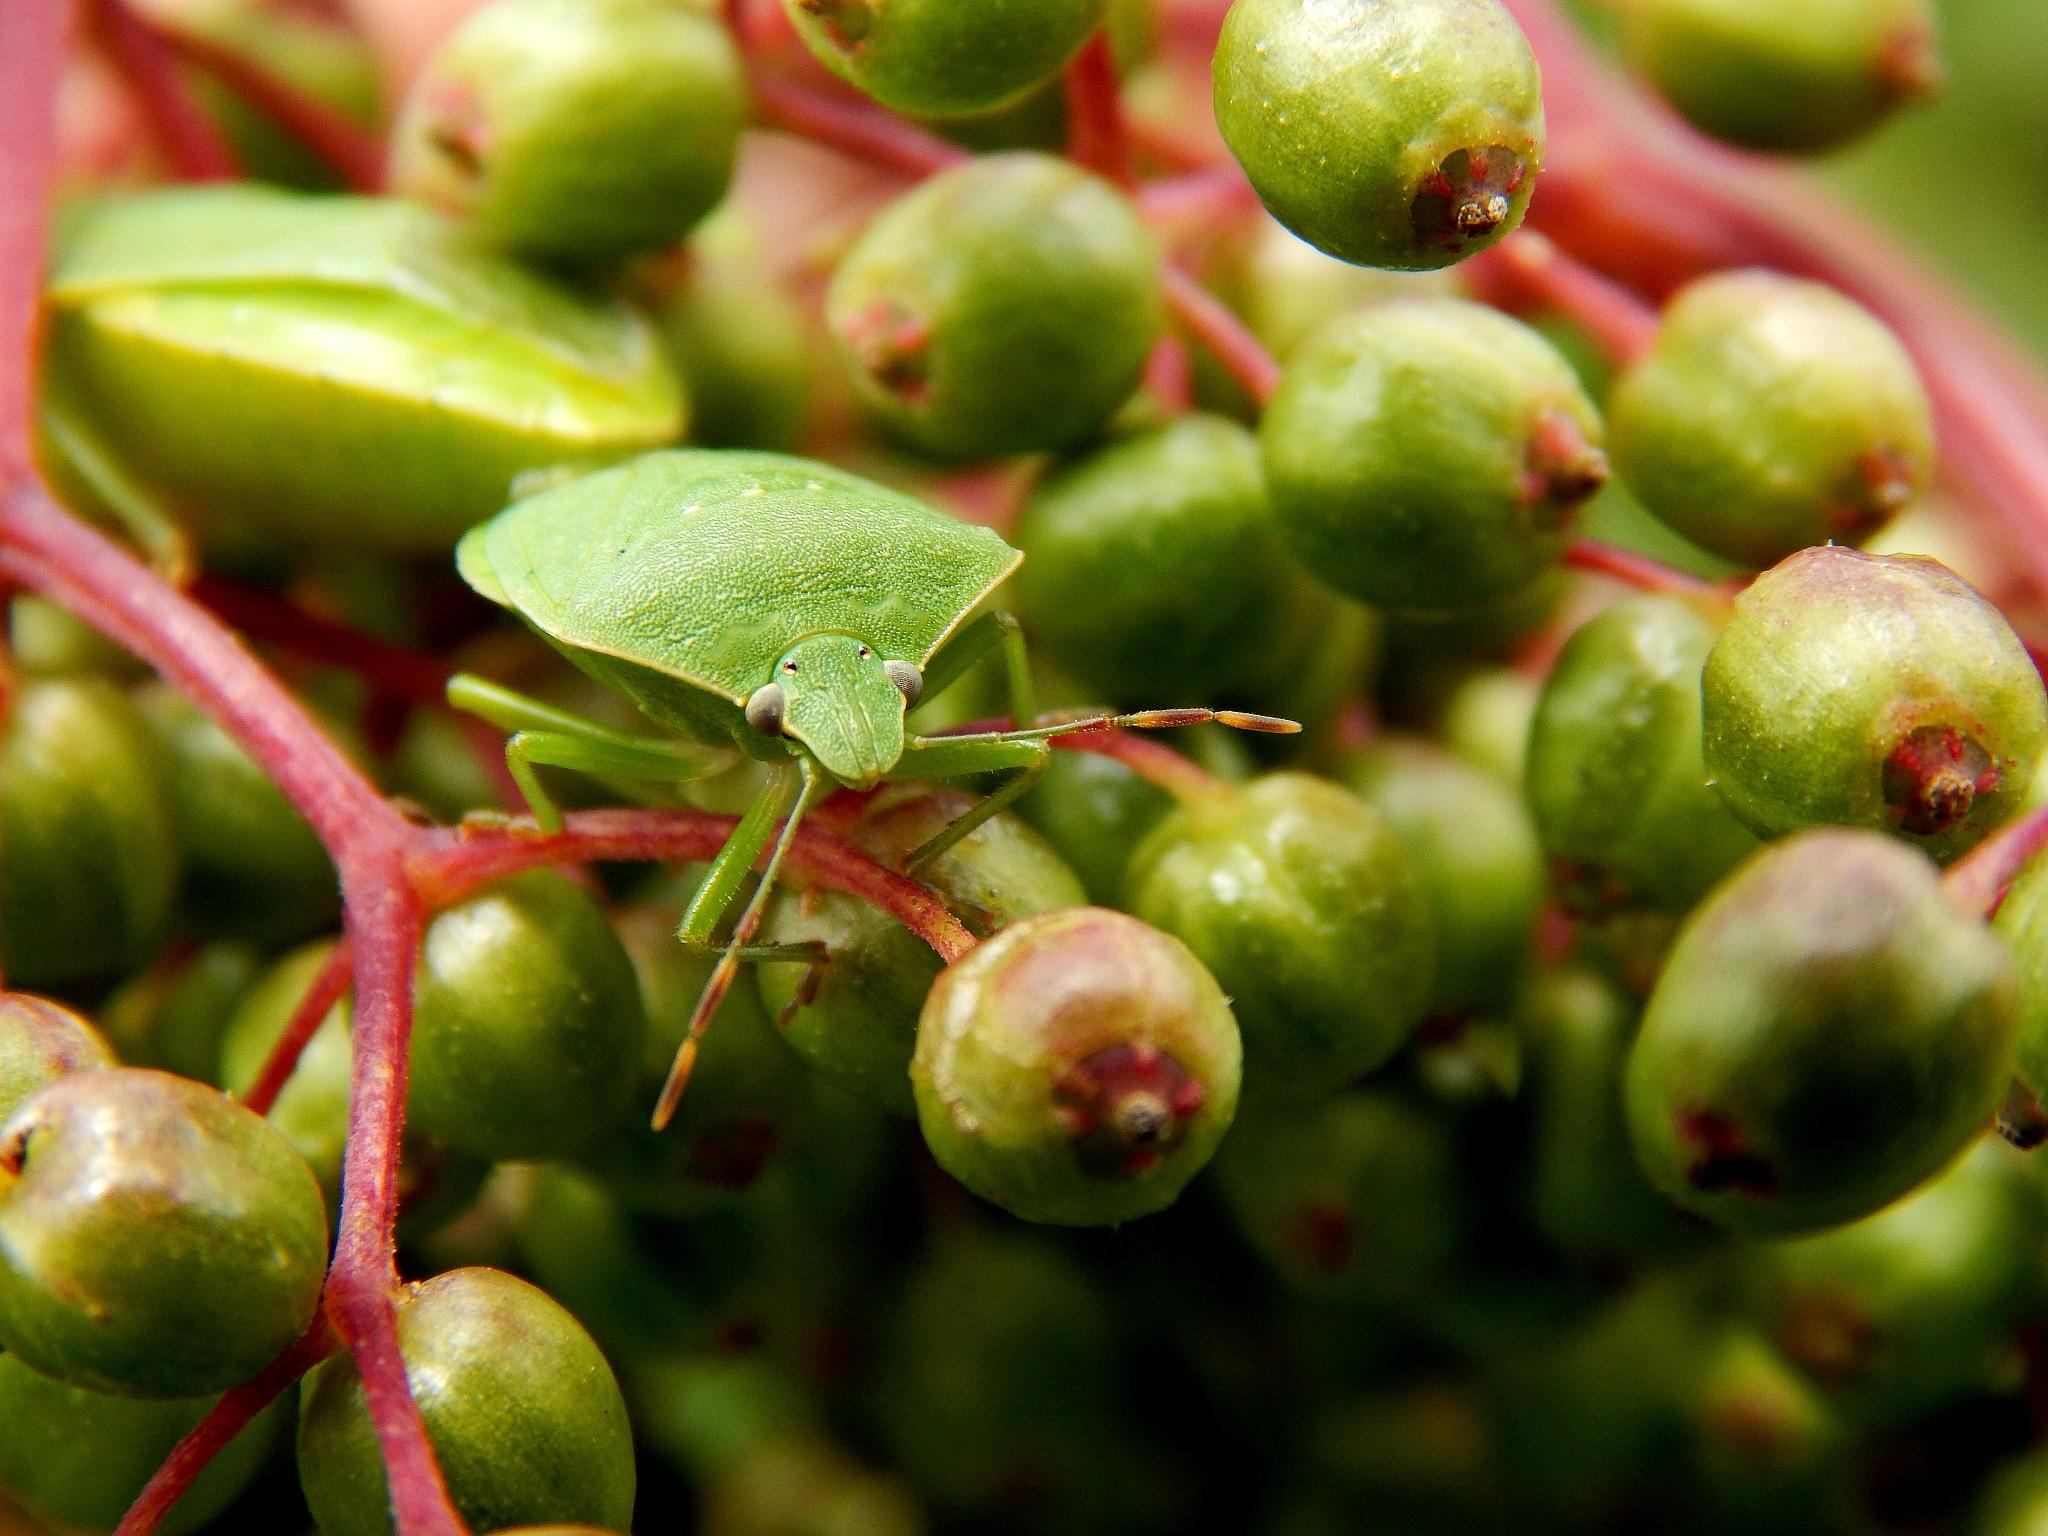 tree of greens by Bilja